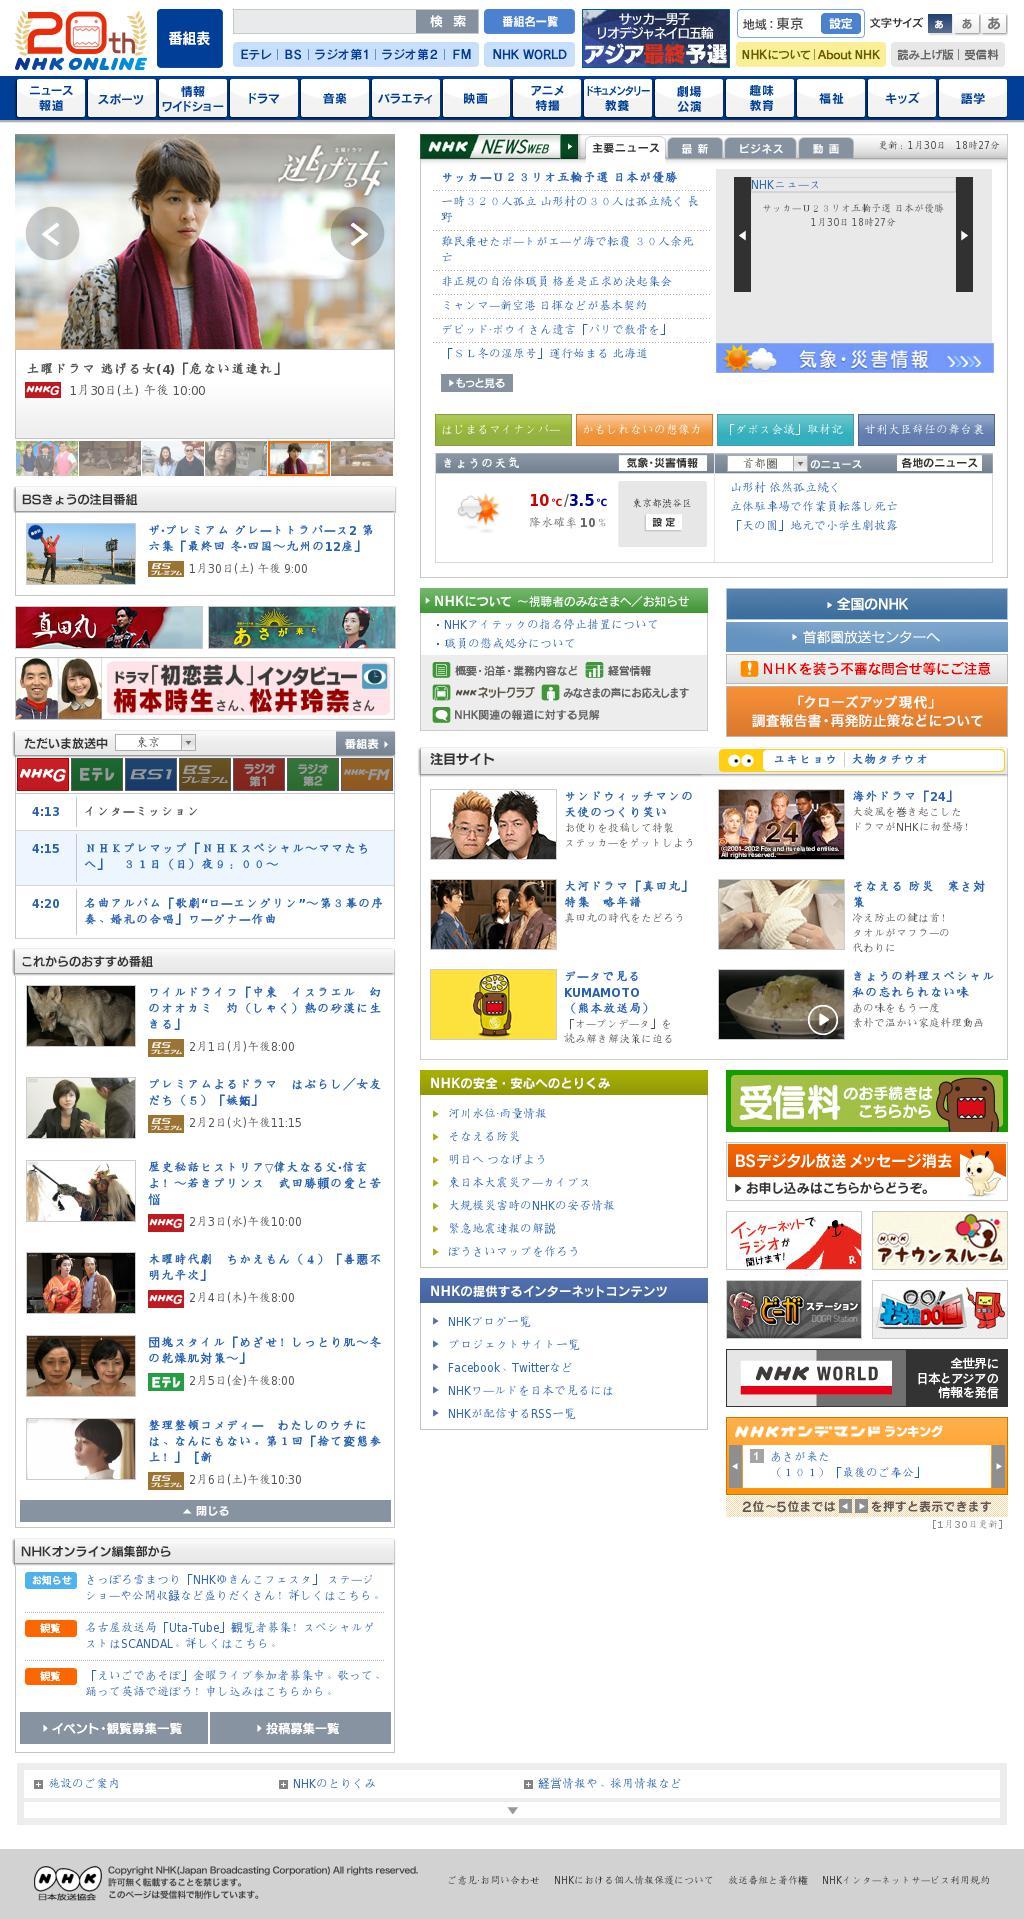 NHK Online at Saturday Jan. 30, 2016, 7:18 p.m. UTC